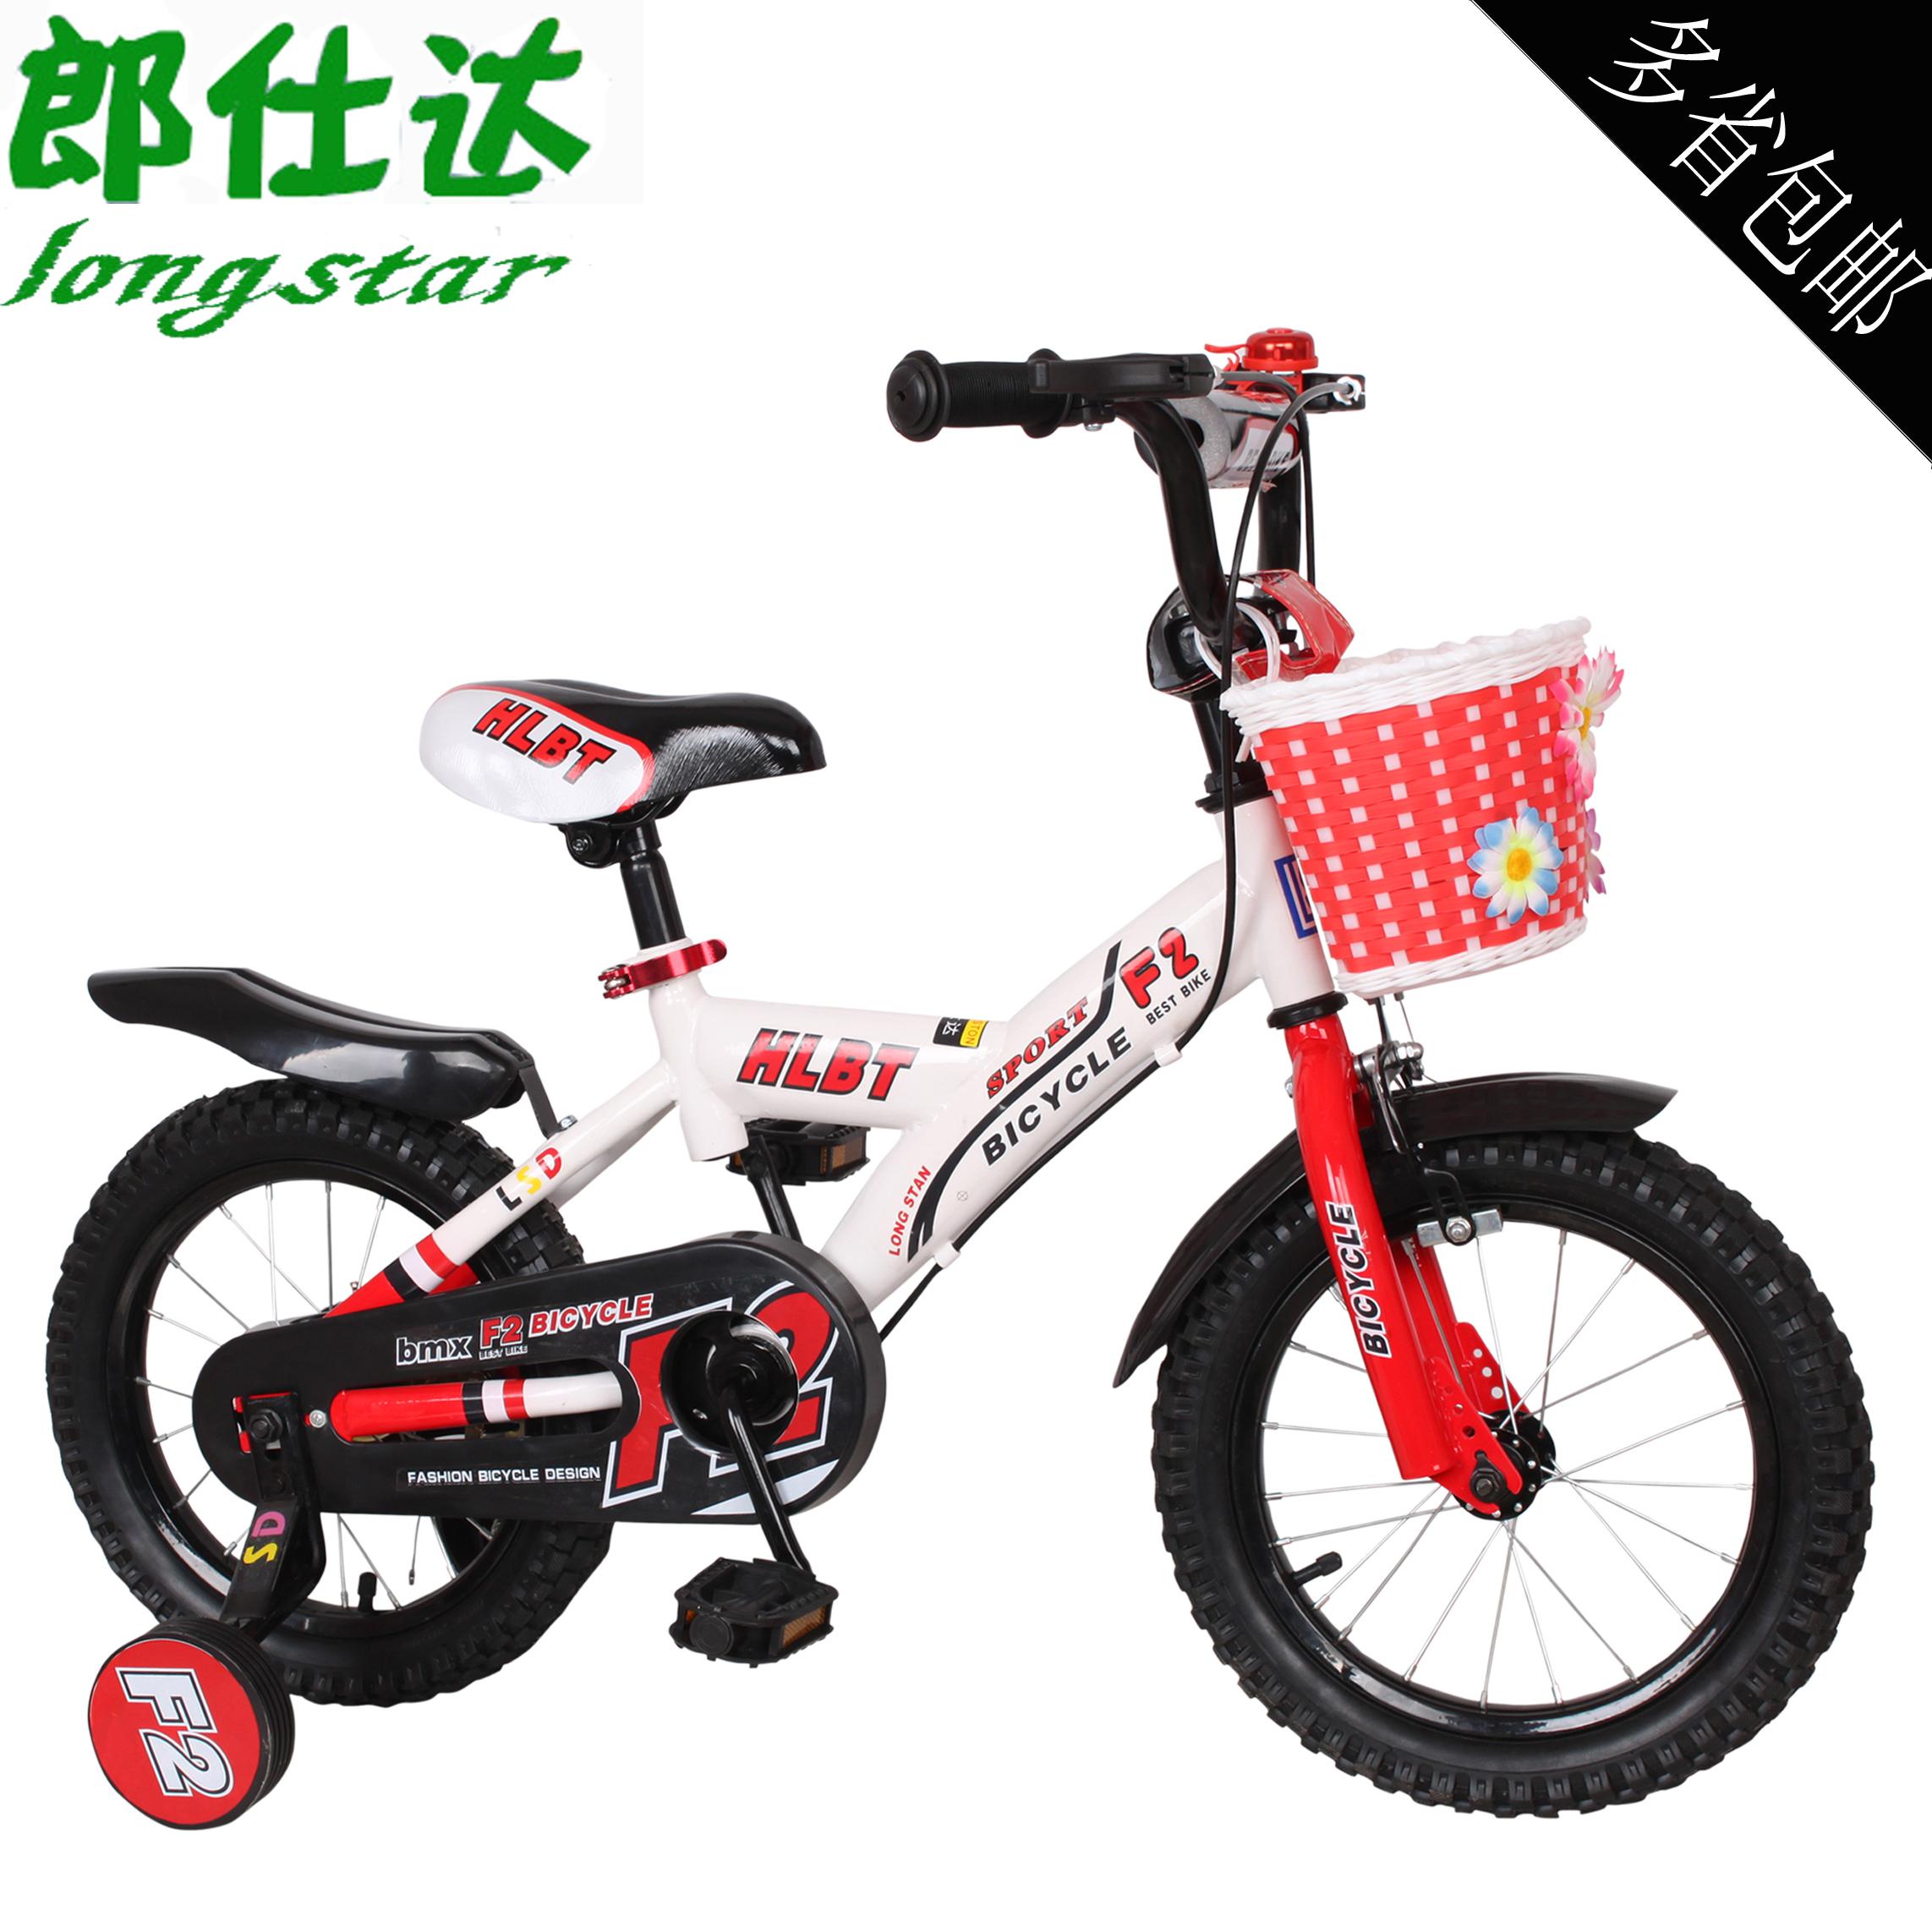 特价清仓包邮郎仕达儿童自行车121416寸男女童宝宝单脚踏车非折叠